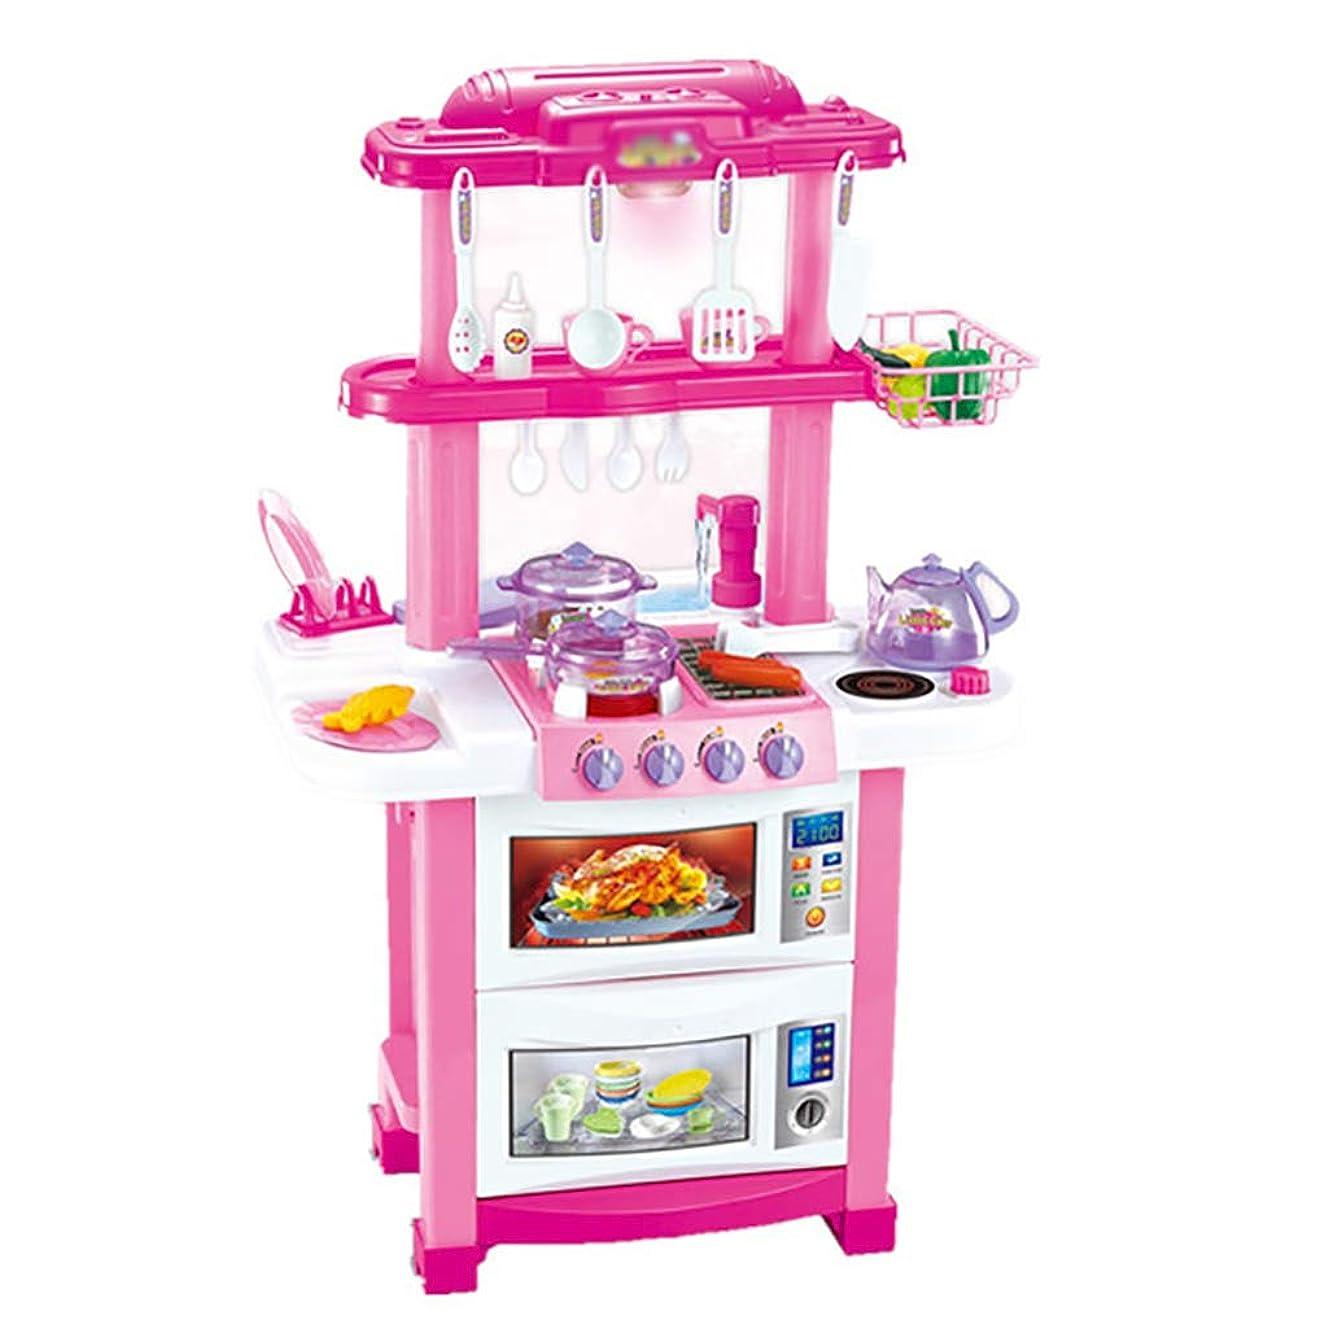 超音速注意決めますキッチンのプレイセットは食品の子供のおもちゃのふりをして、現実的なライトとサウンドを備えた大きなプレイキッチン、流水でシンクを再生します適切な高さ(ピンク)